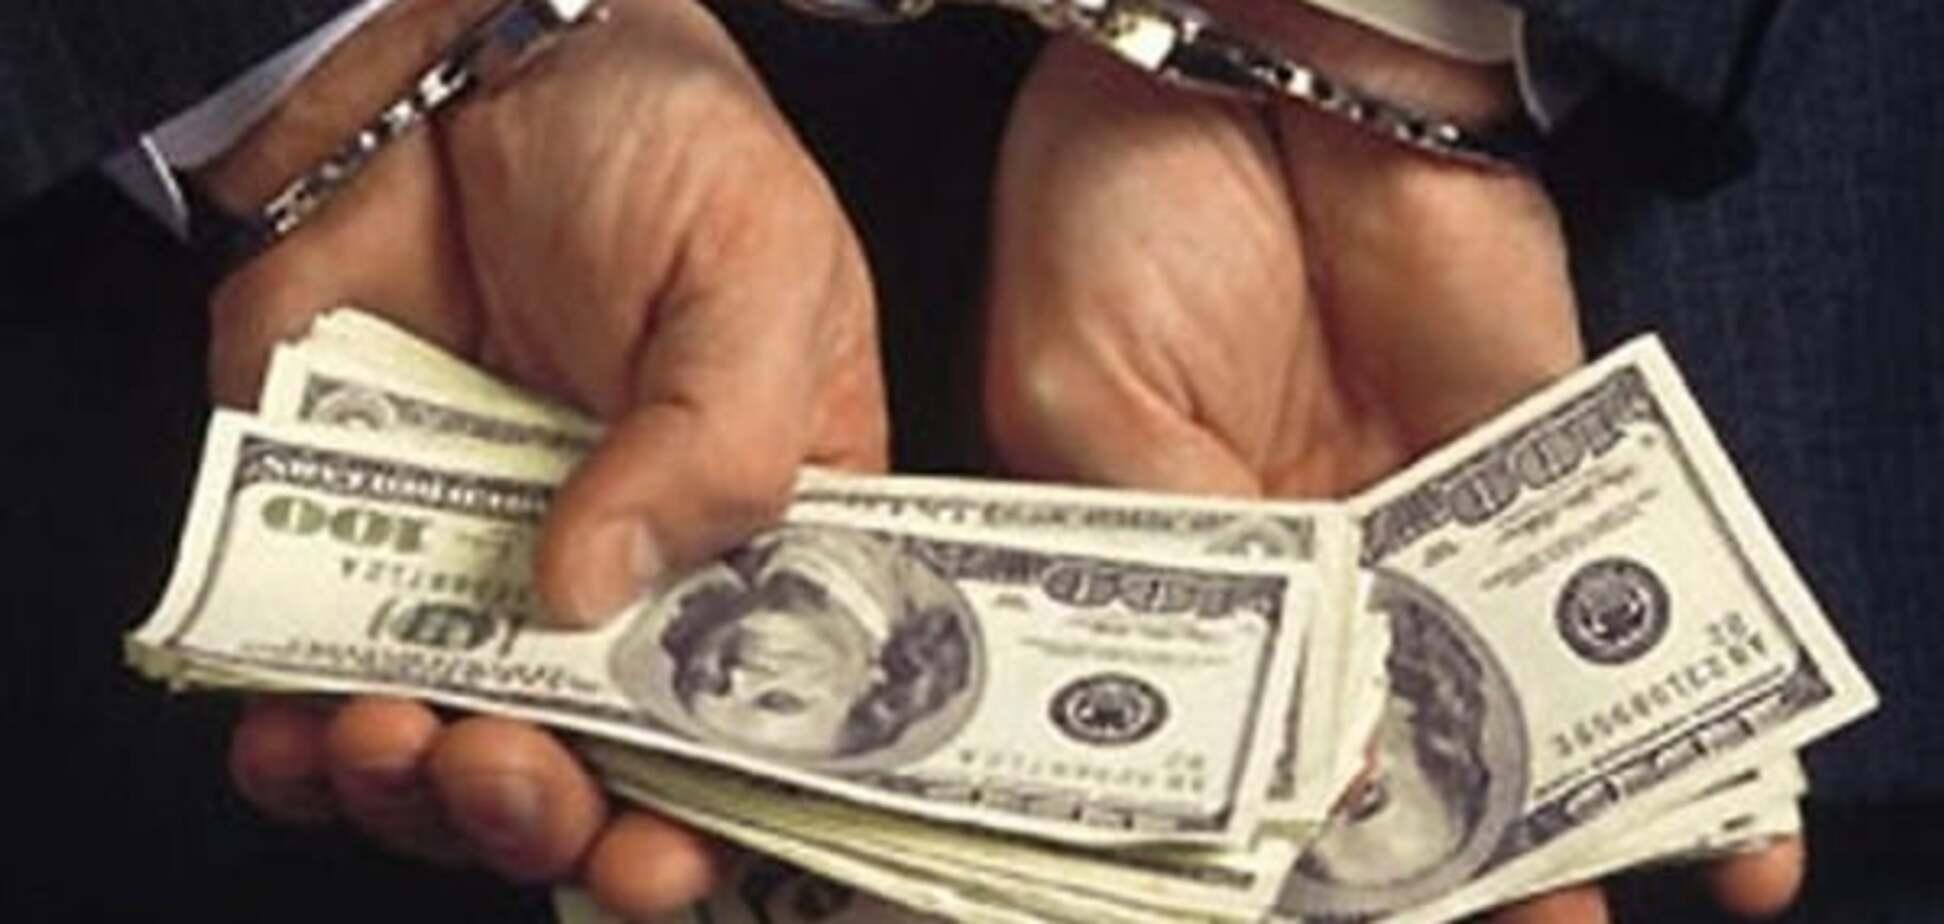 ГПУ затримала хабарника, який пропонував $3 тисячі працівнику СБУ